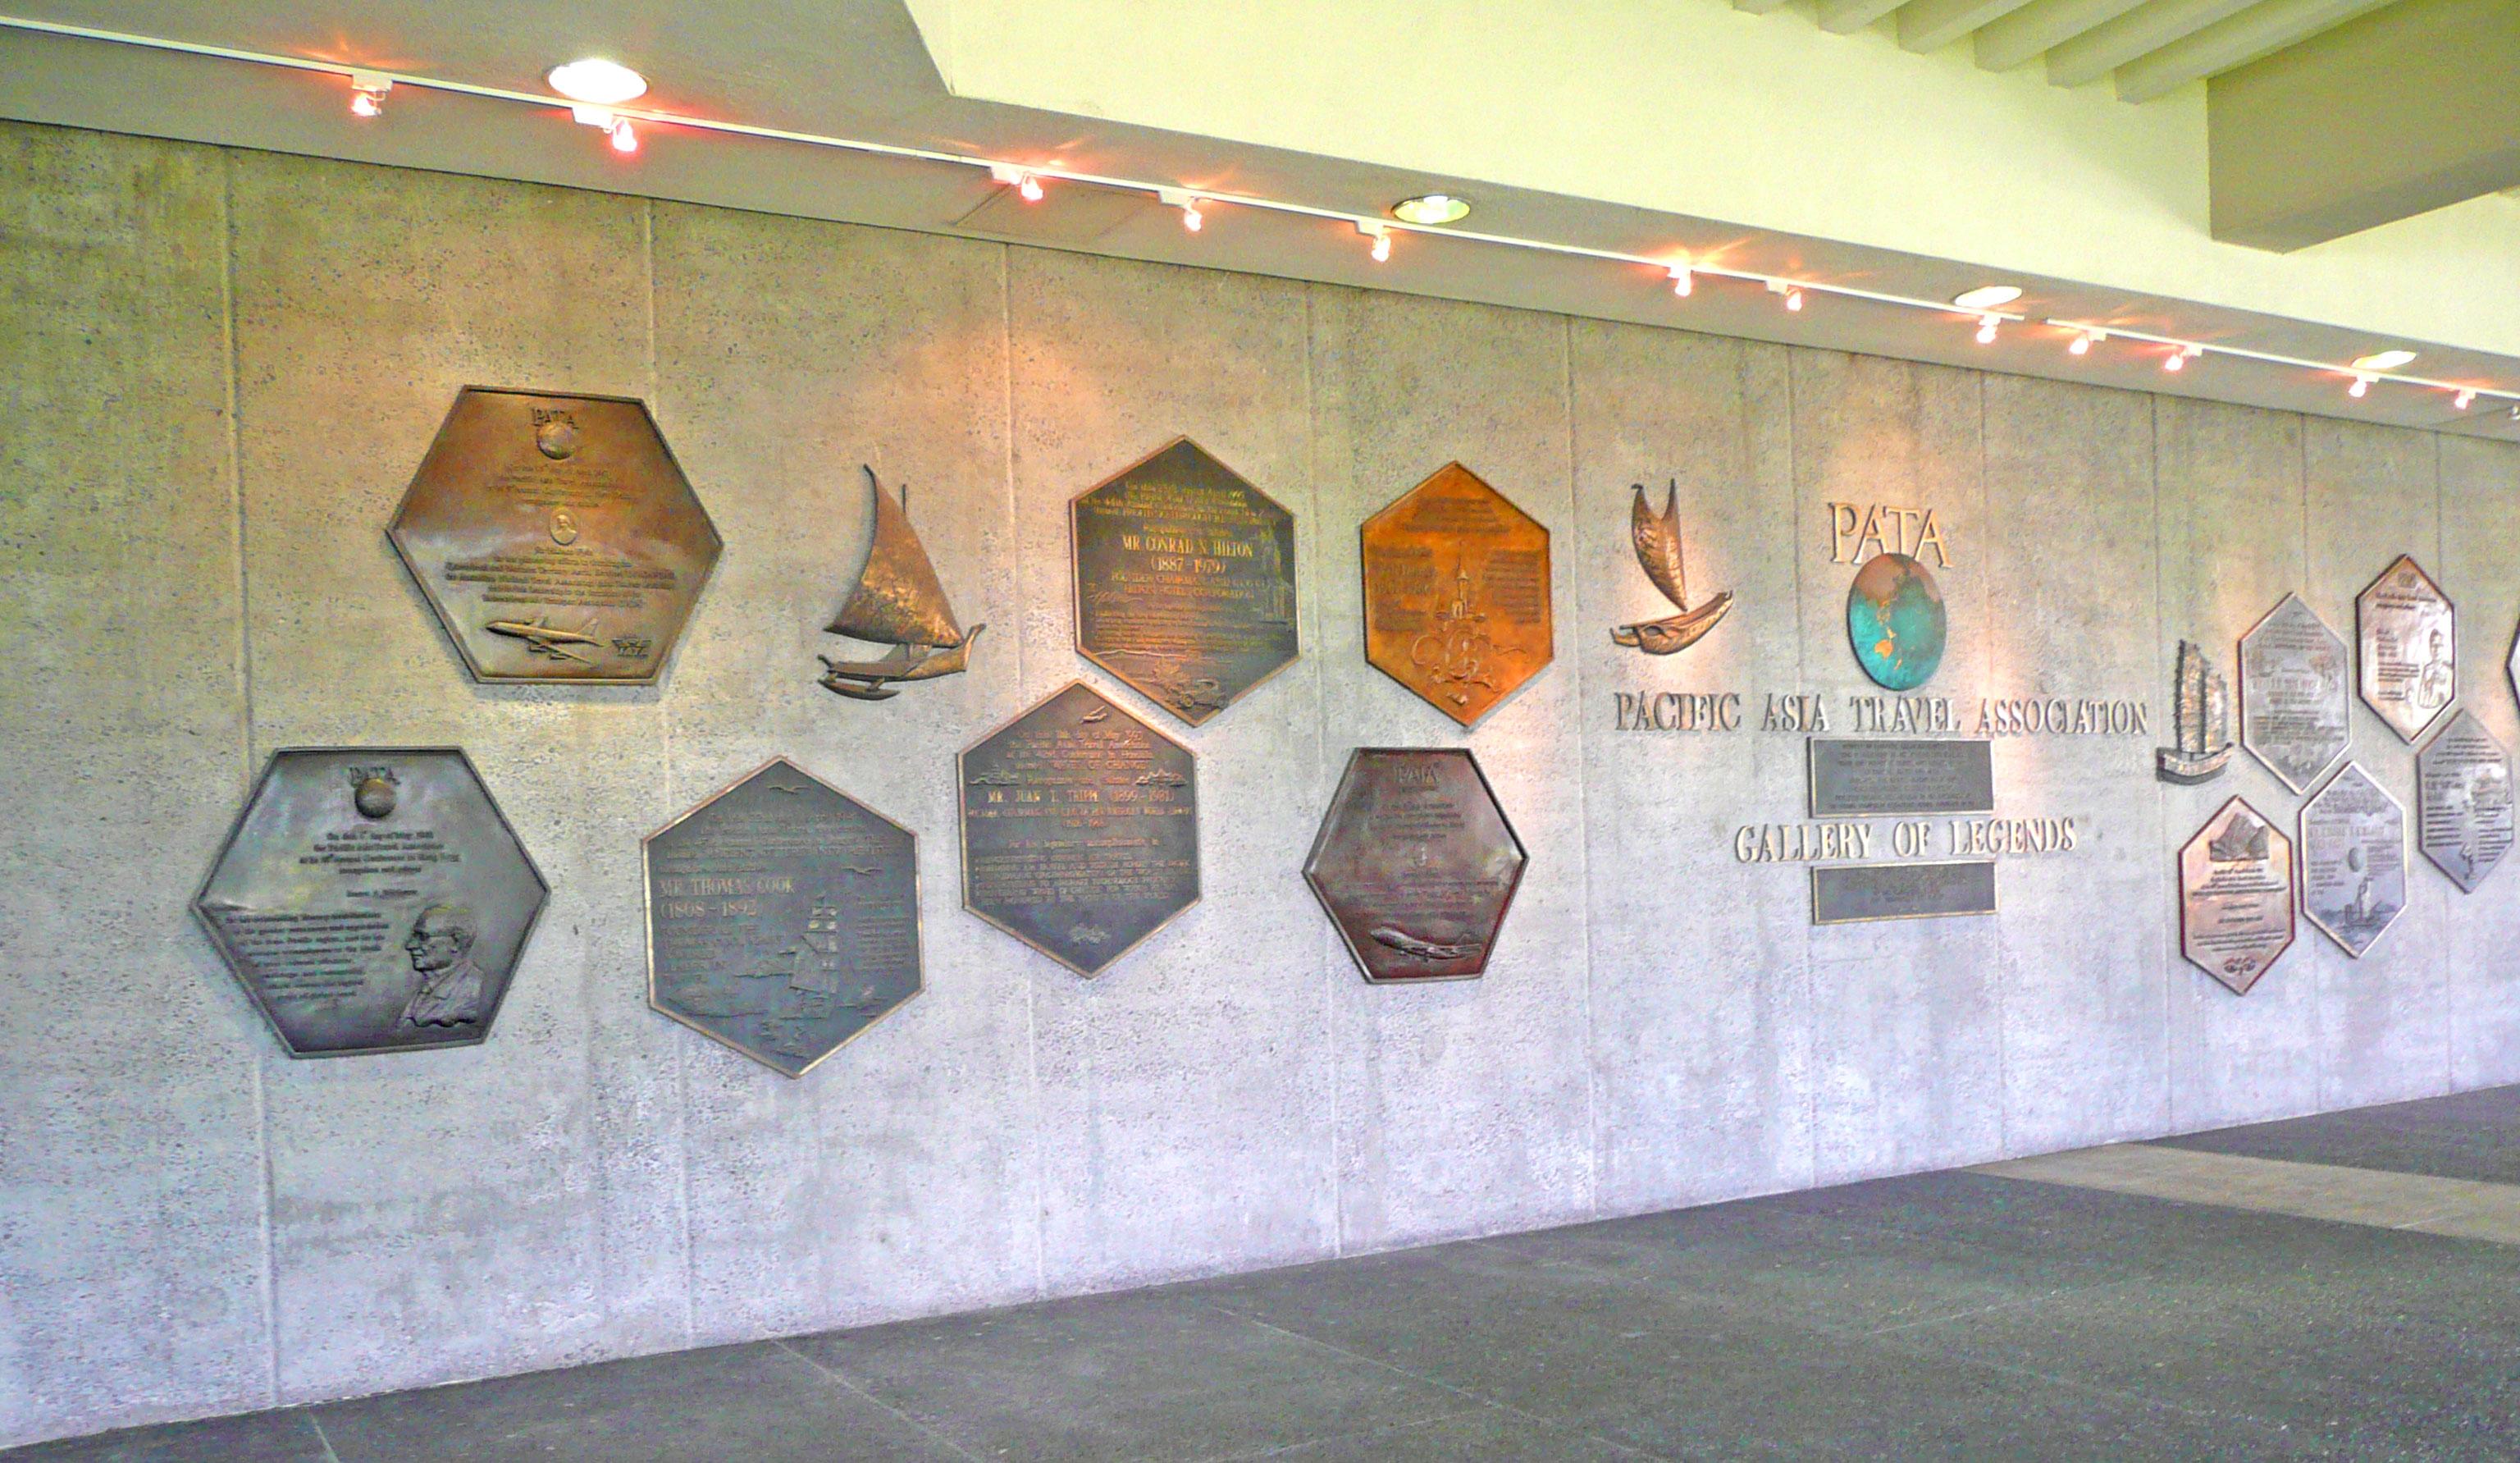 PATA wall photo